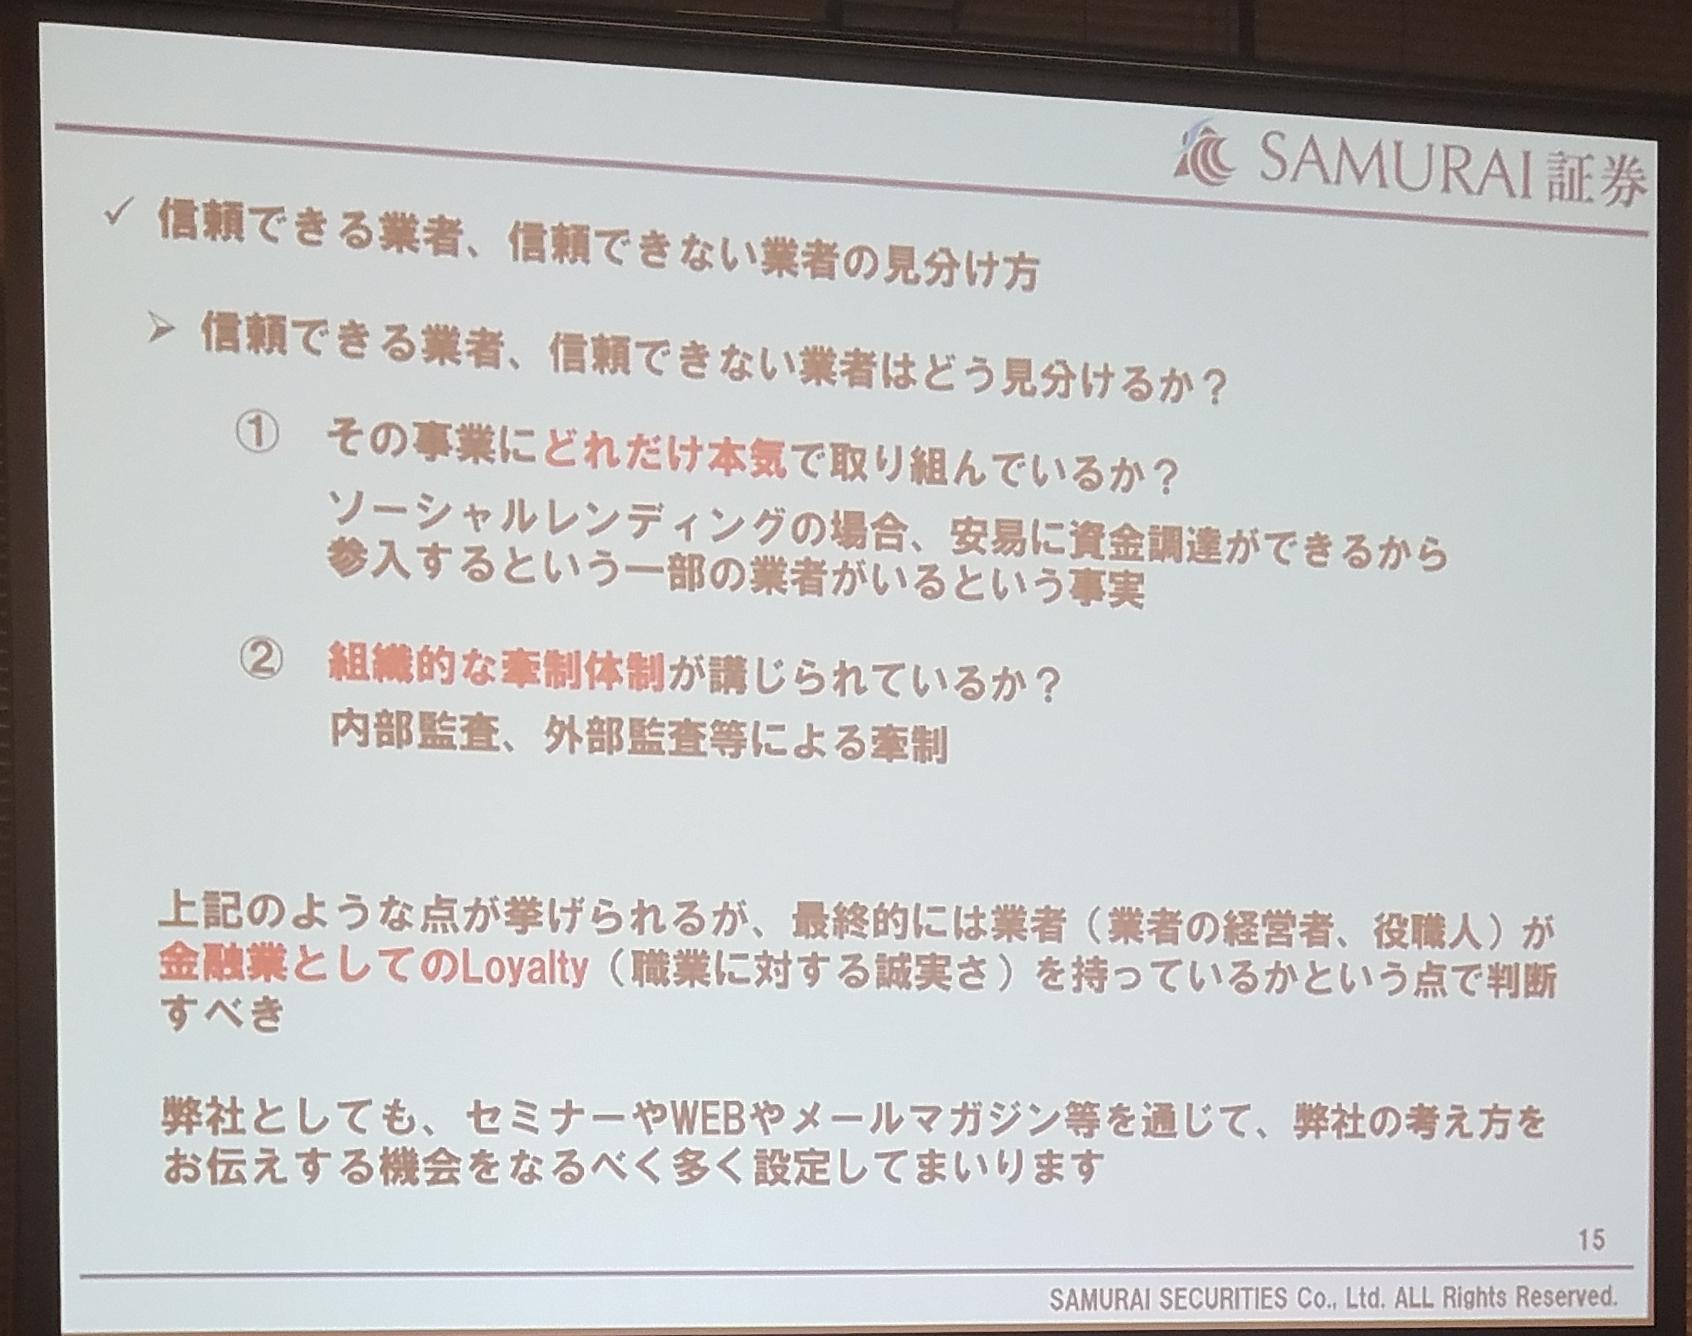 14_SAMURAIセミナー参加報告